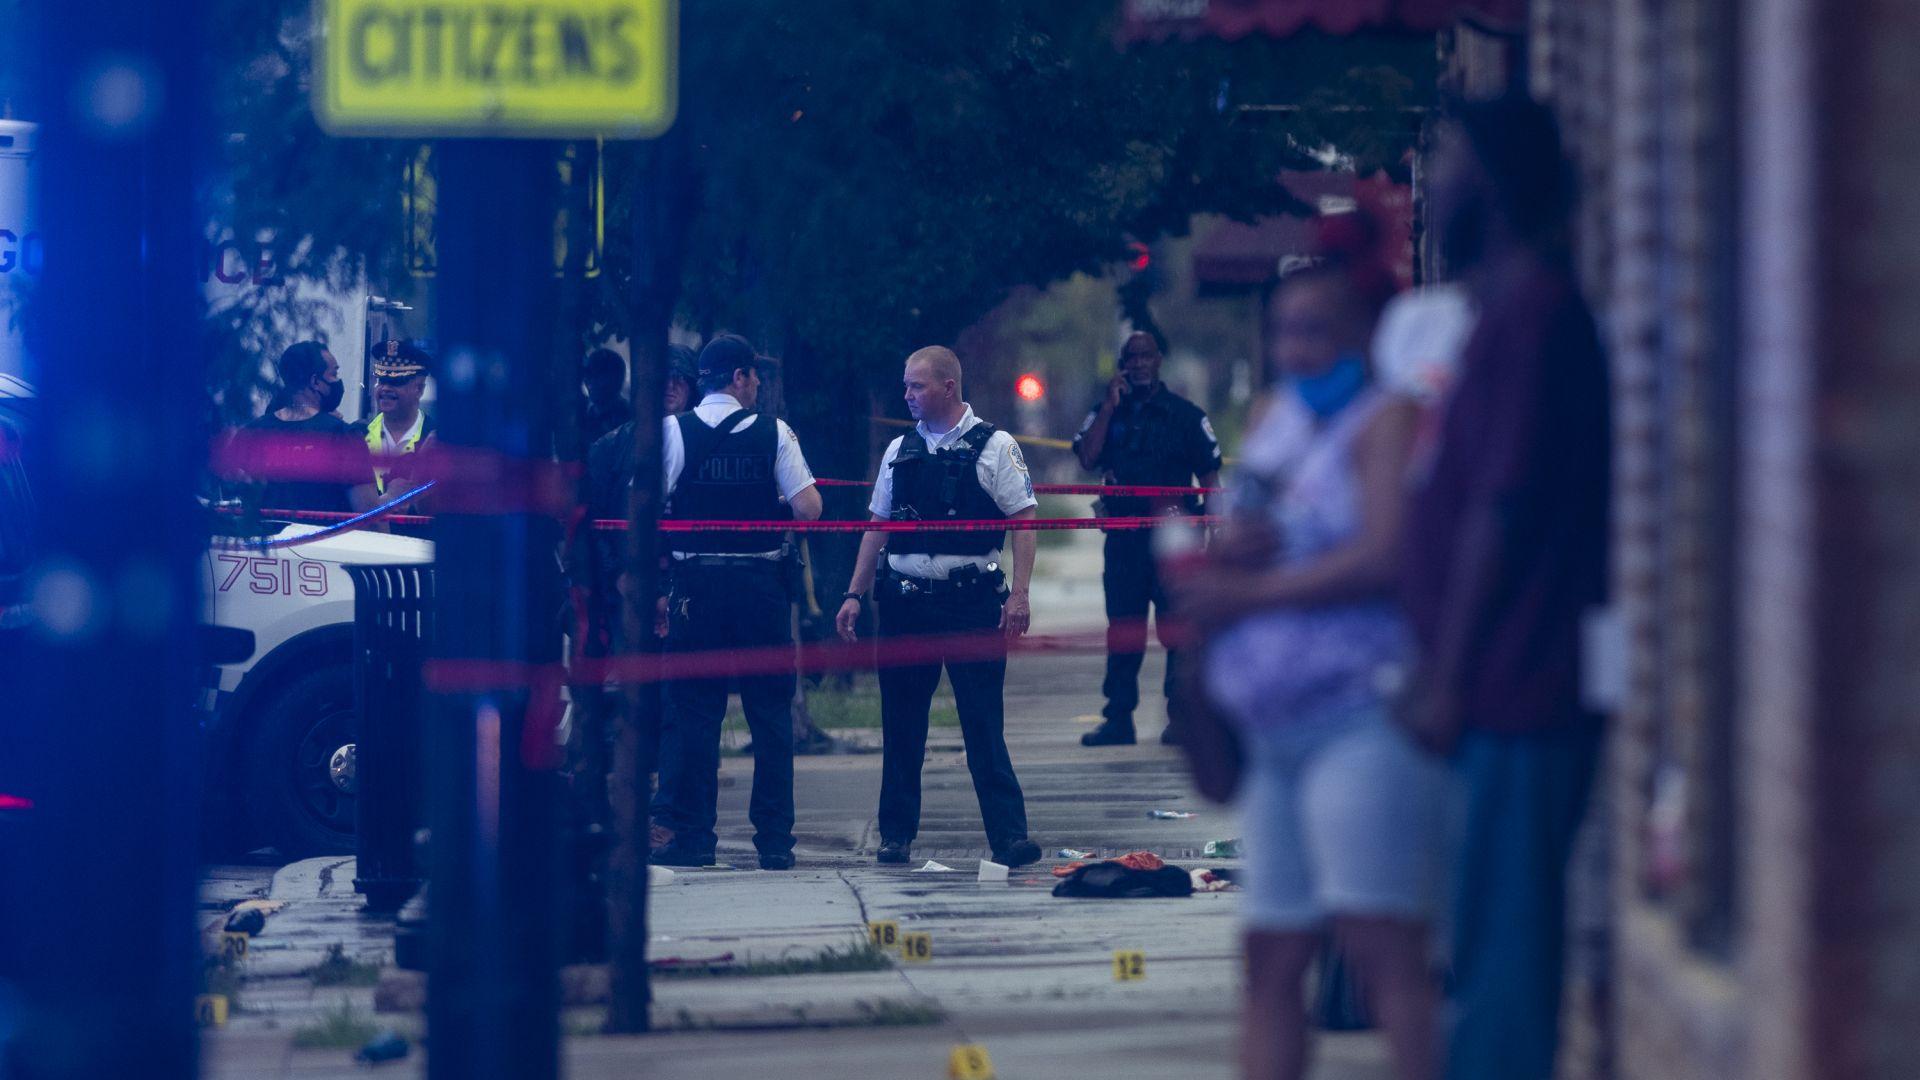 Кървава вендета при погребение в Чикаго (снимки и видео)